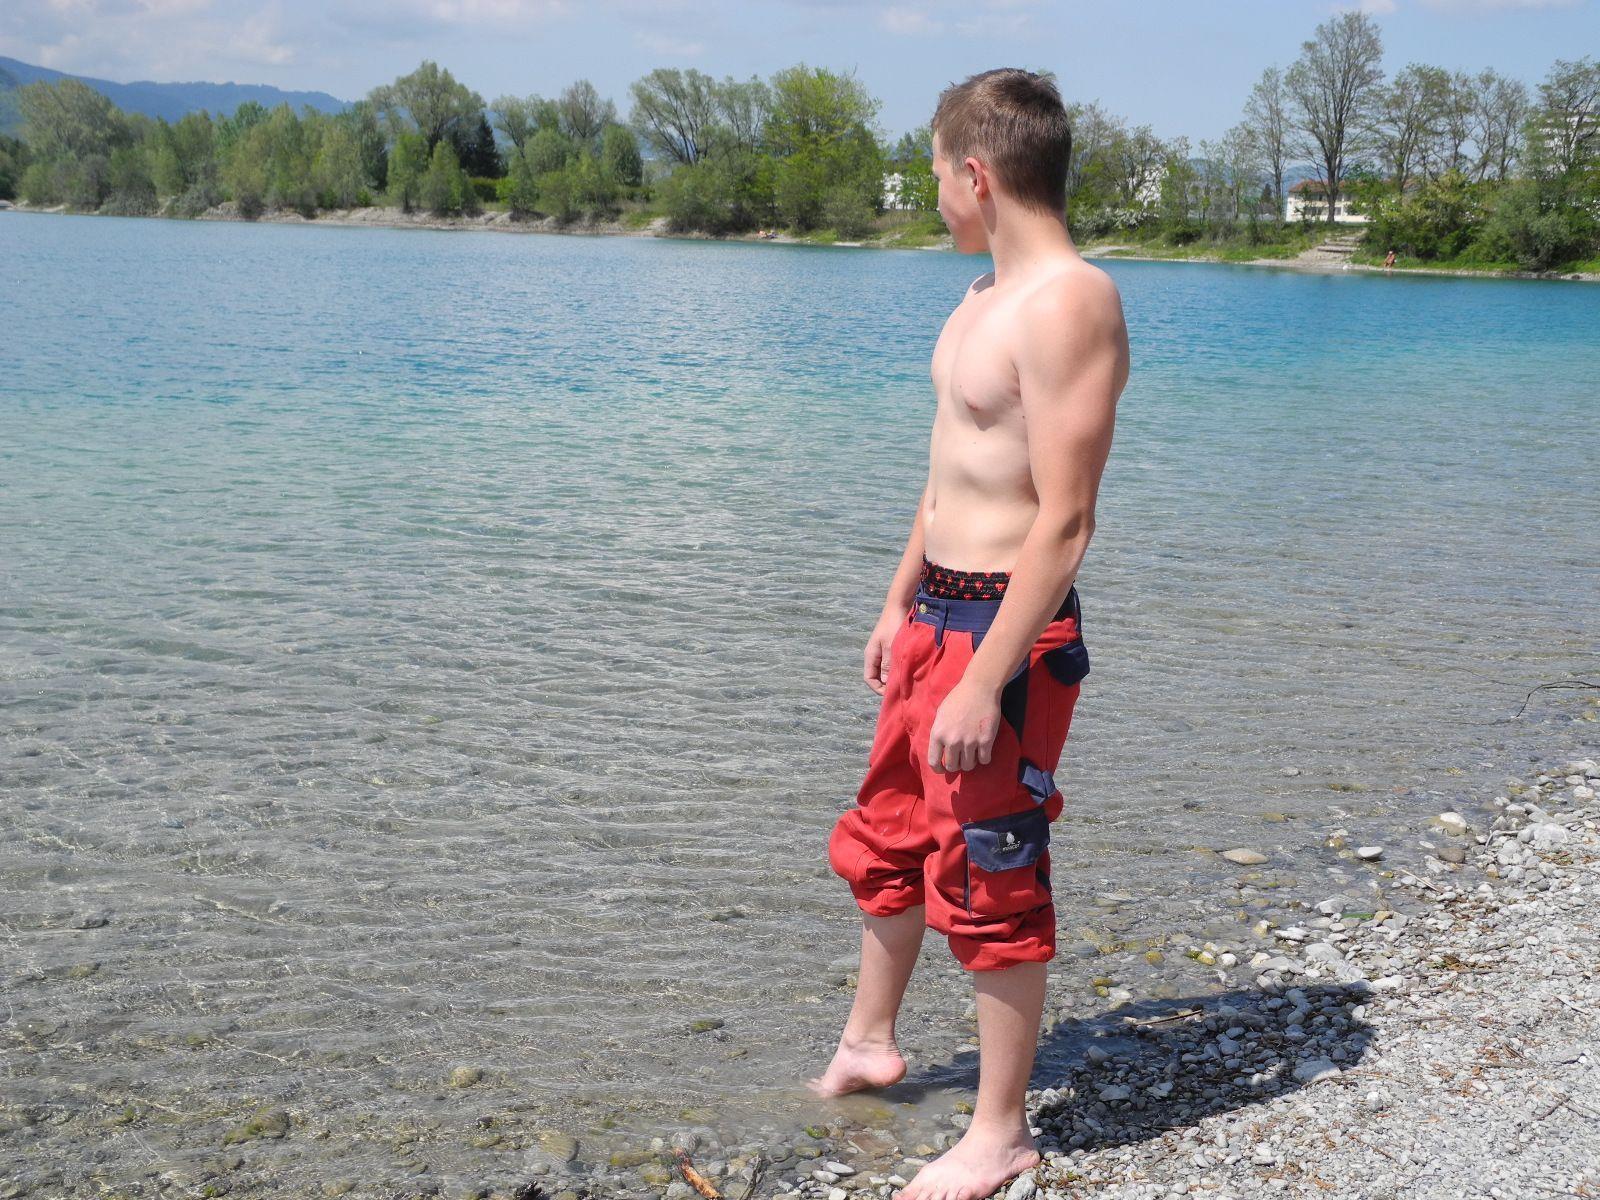 Die Prüfung der Wassertemperatur entsprach diesem Badegast anscheinend nicht!